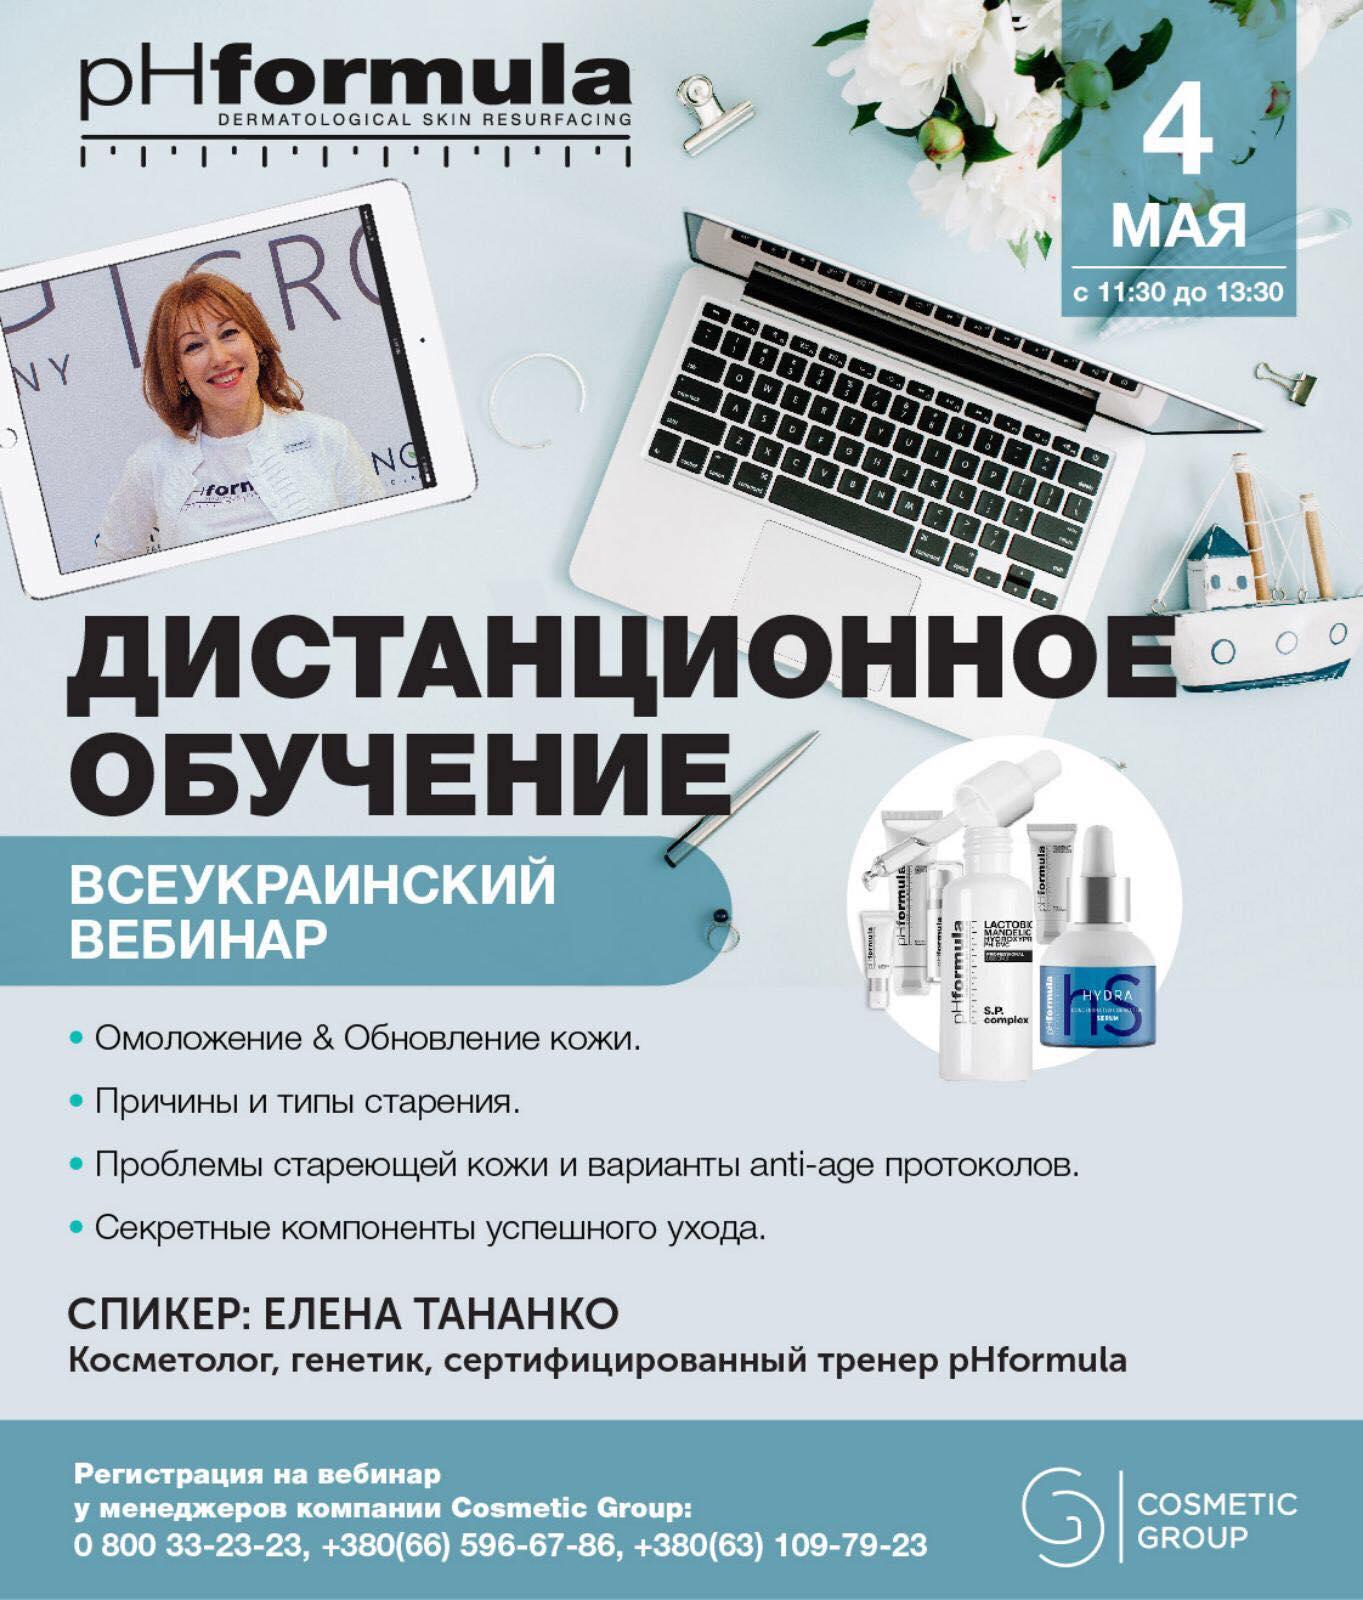 Омоложение & Обновление кожи pHformula. ВЕБИНАР